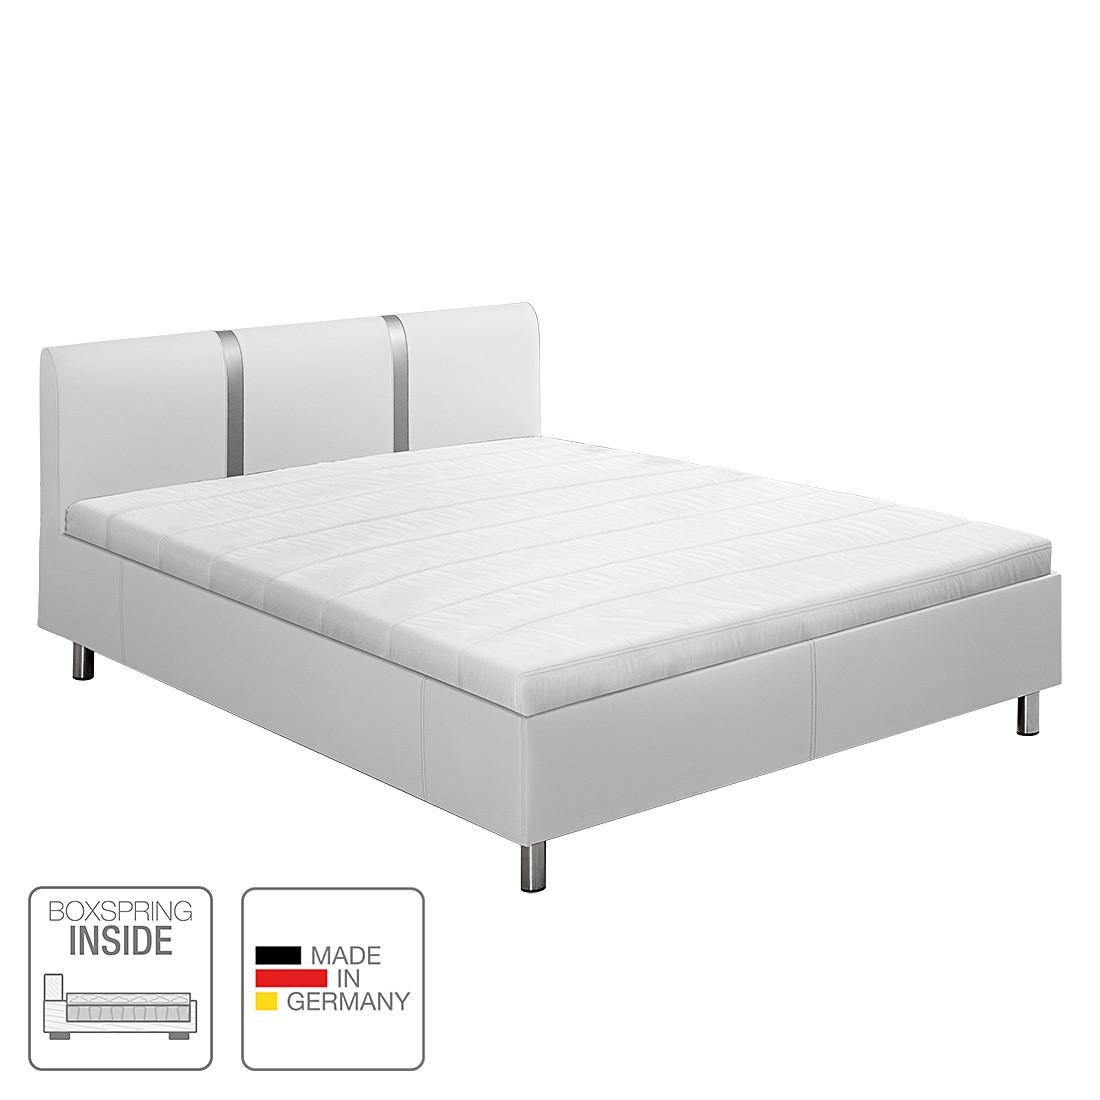 boxspring inside bett caya kunstleder 180 x 200cm h2 bis 80 kg. Black Bedroom Furniture Sets. Home Design Ideas